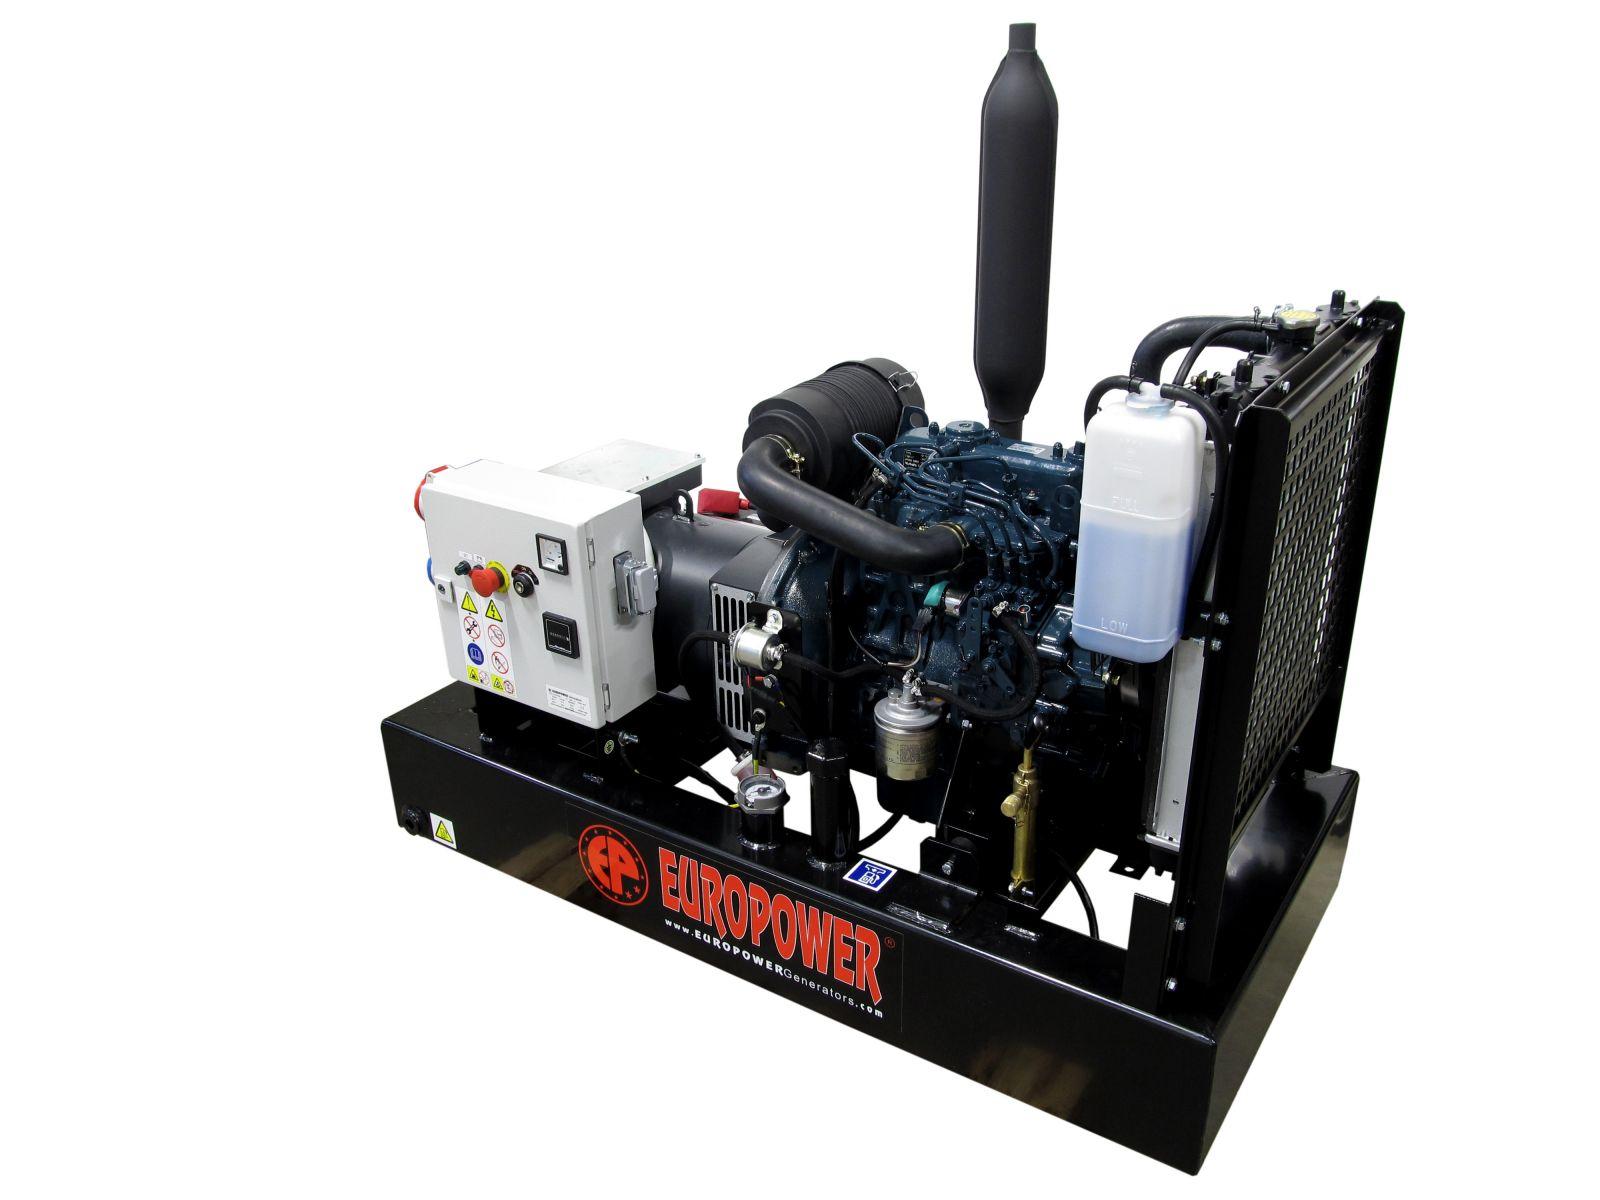 EP83TDE - výkon 8 kVA, 1. servis a doprava v ceně. Naftová třífázová elektrocentrála Europower